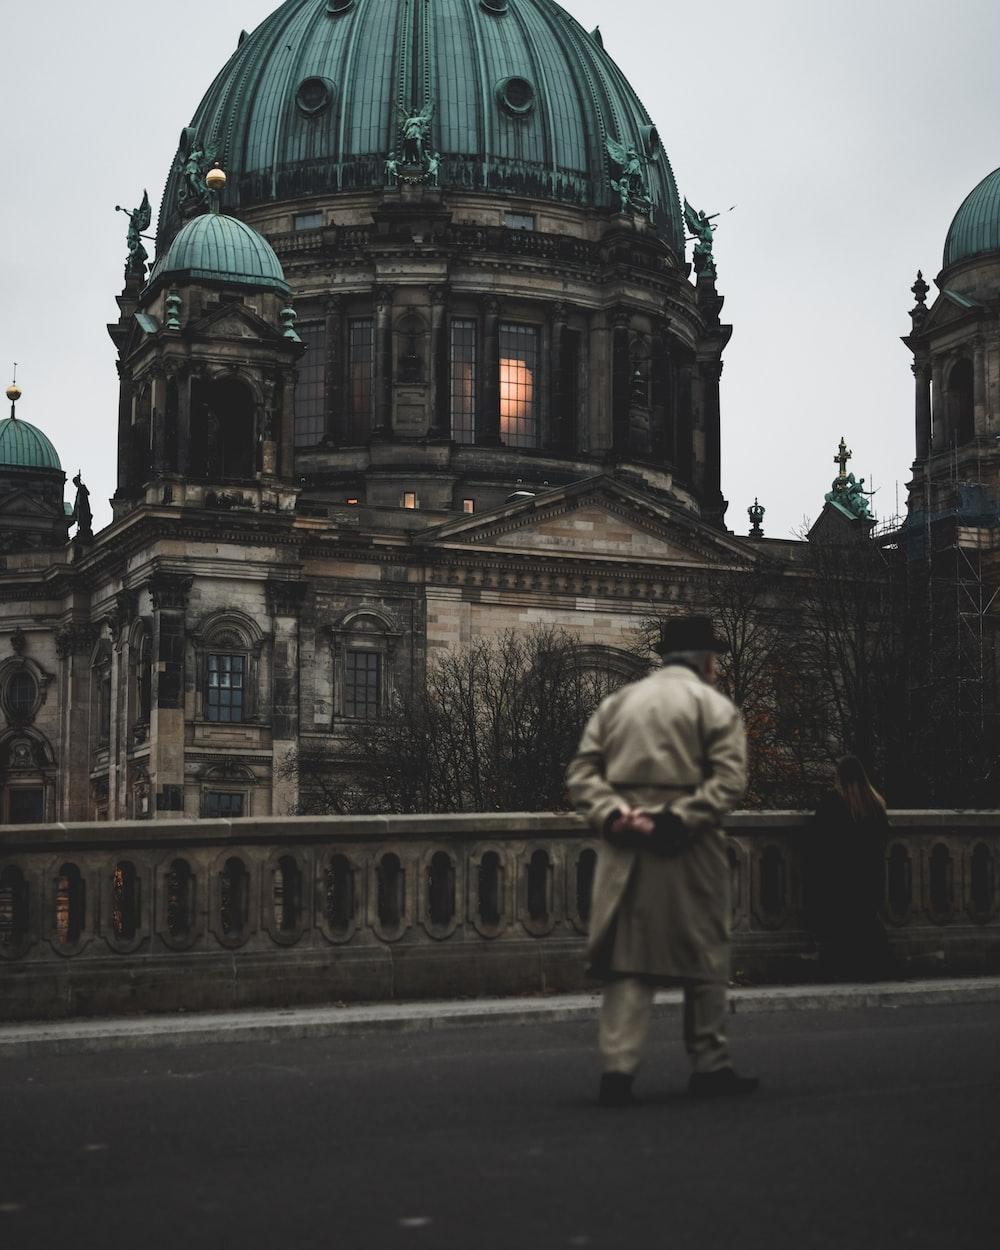 man walking on bridge near brown concrete dome building